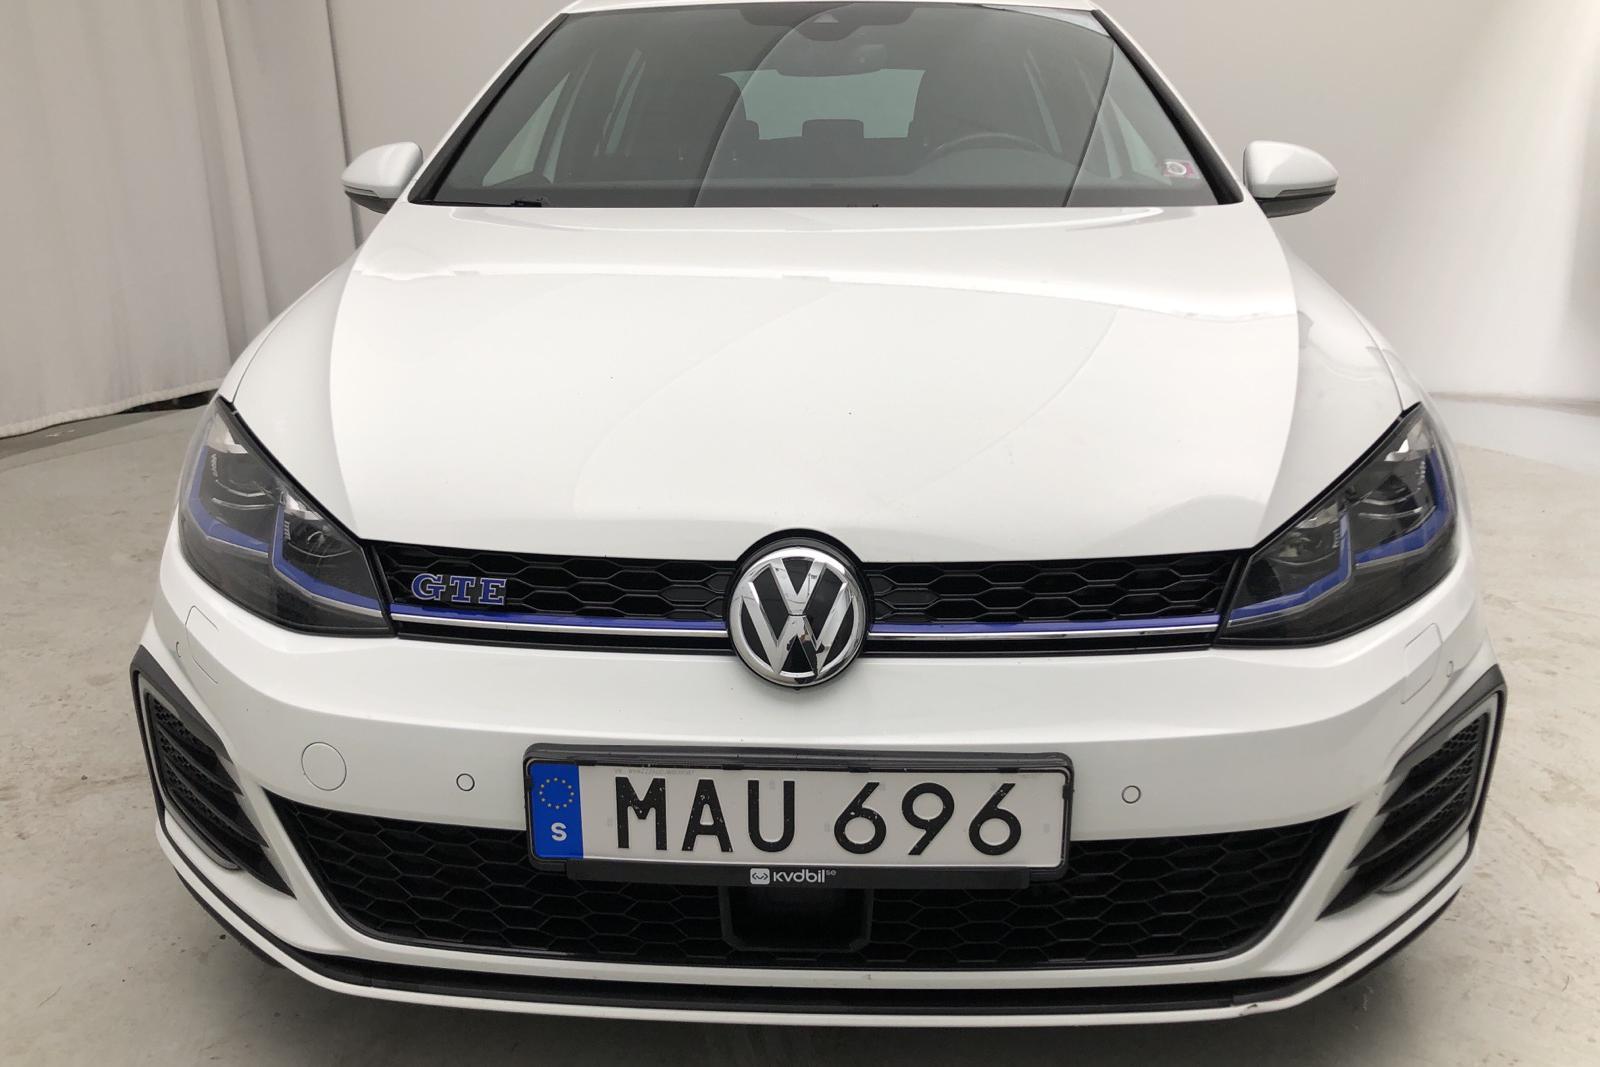 VW Golf VII GTE 5dr (204hk) - 7 500 mil - Automat - vit - 2018